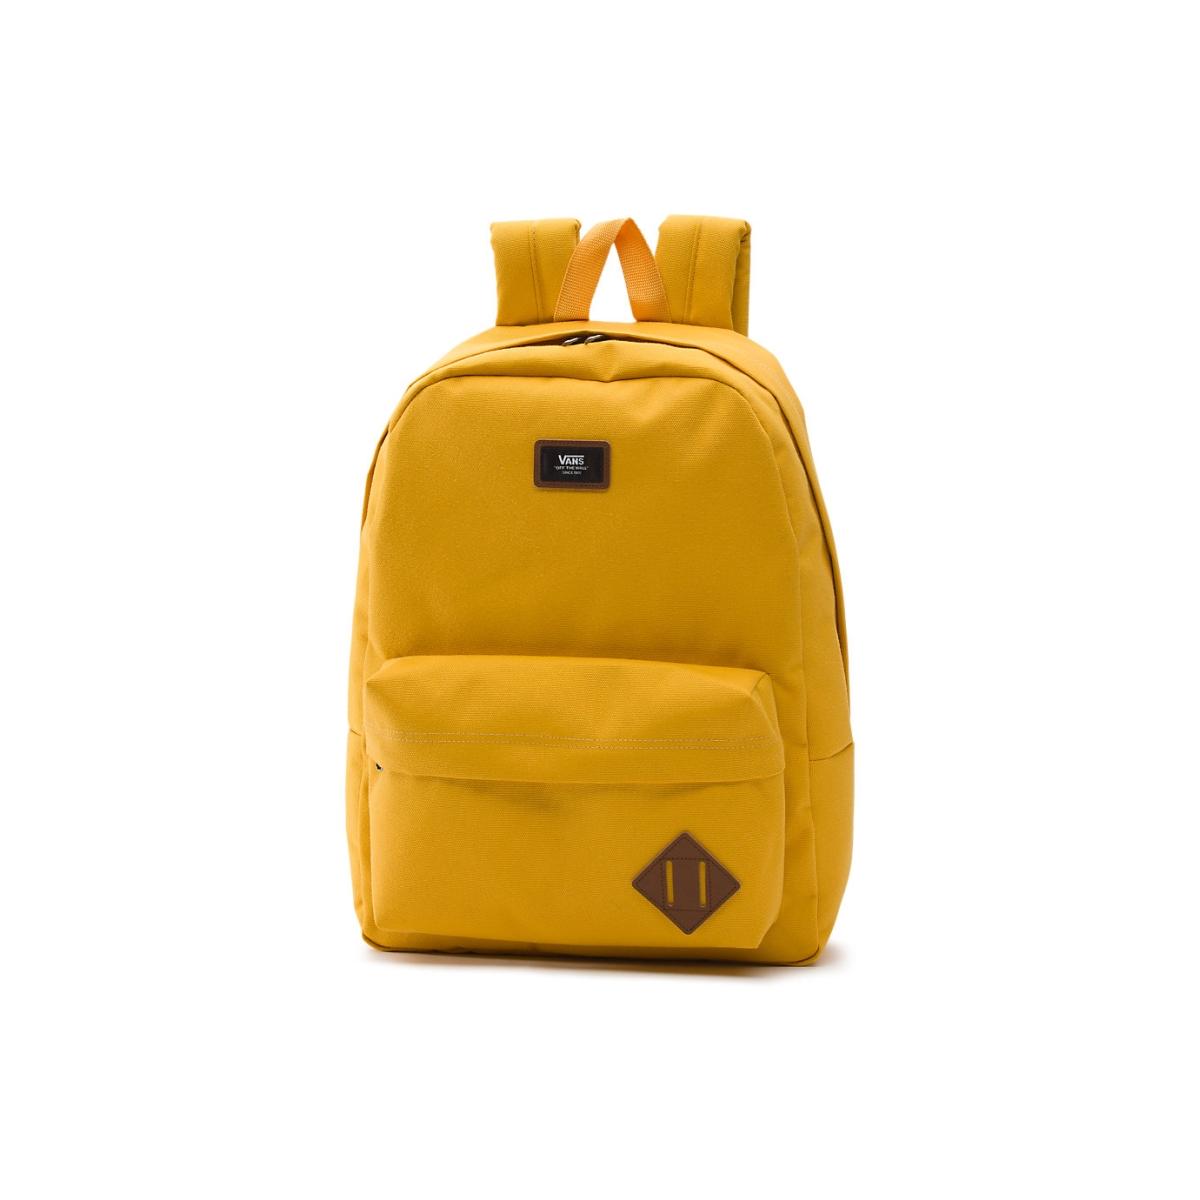 Plecak Vans Old Skool II Mineral Yellow